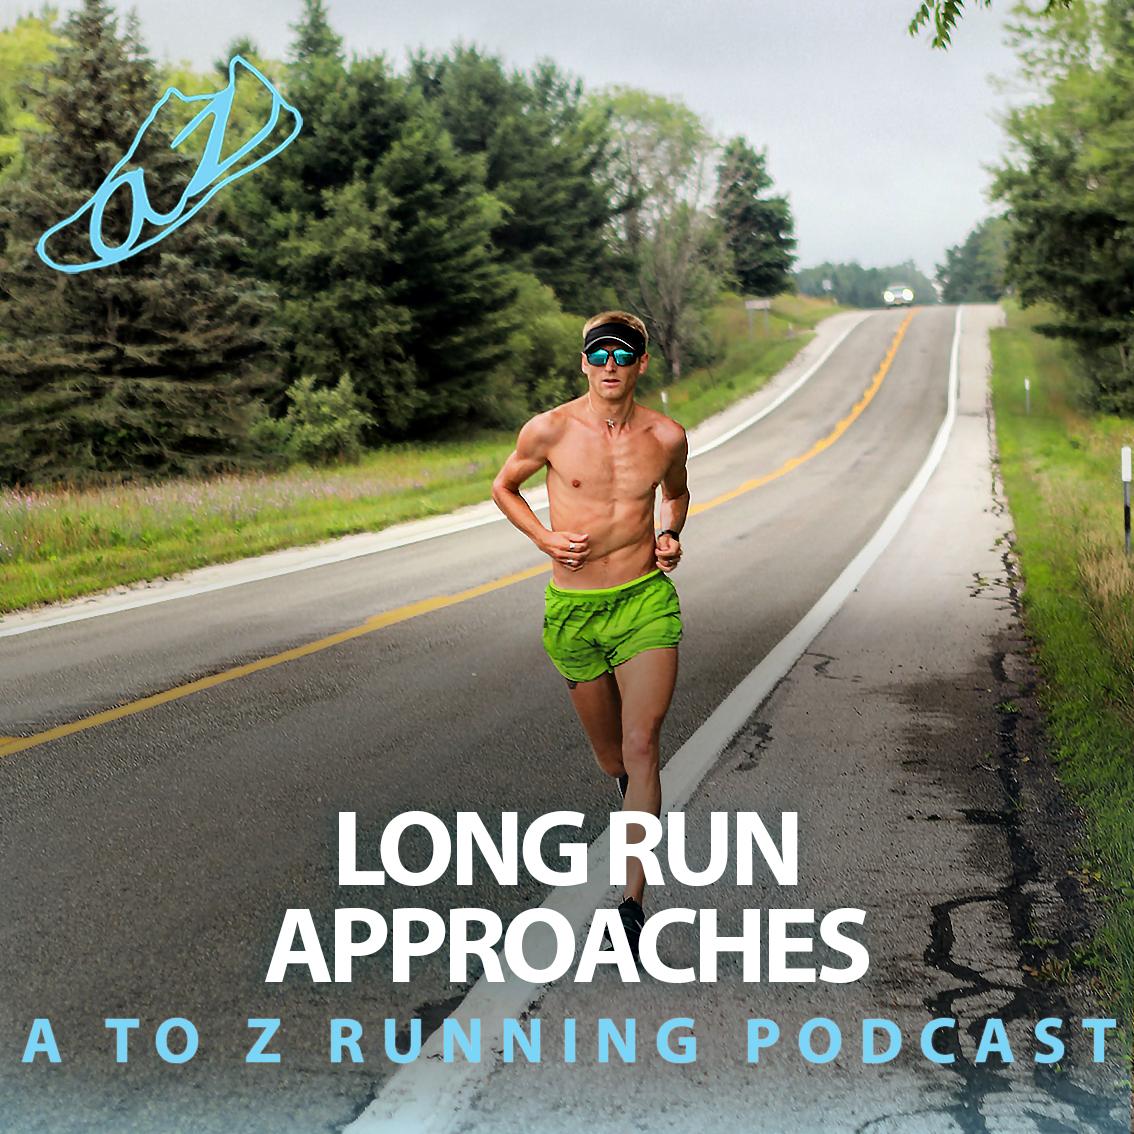 Long run approaches